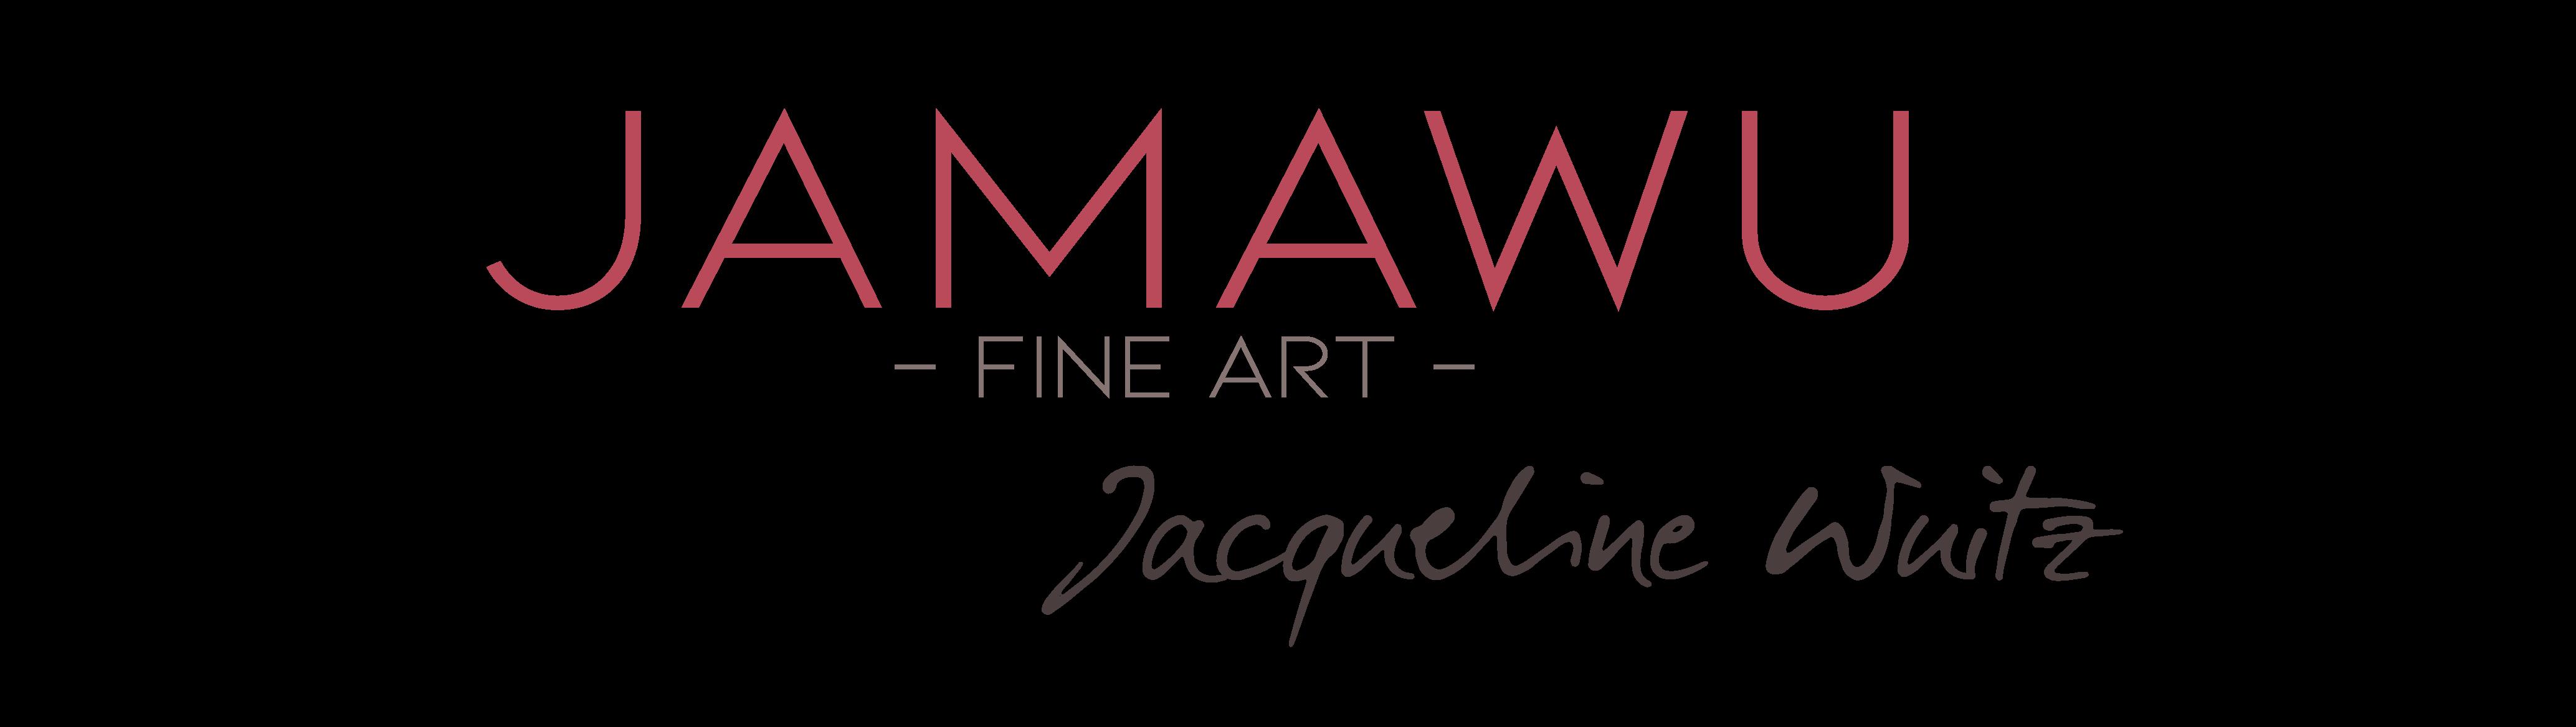 jamawu.com